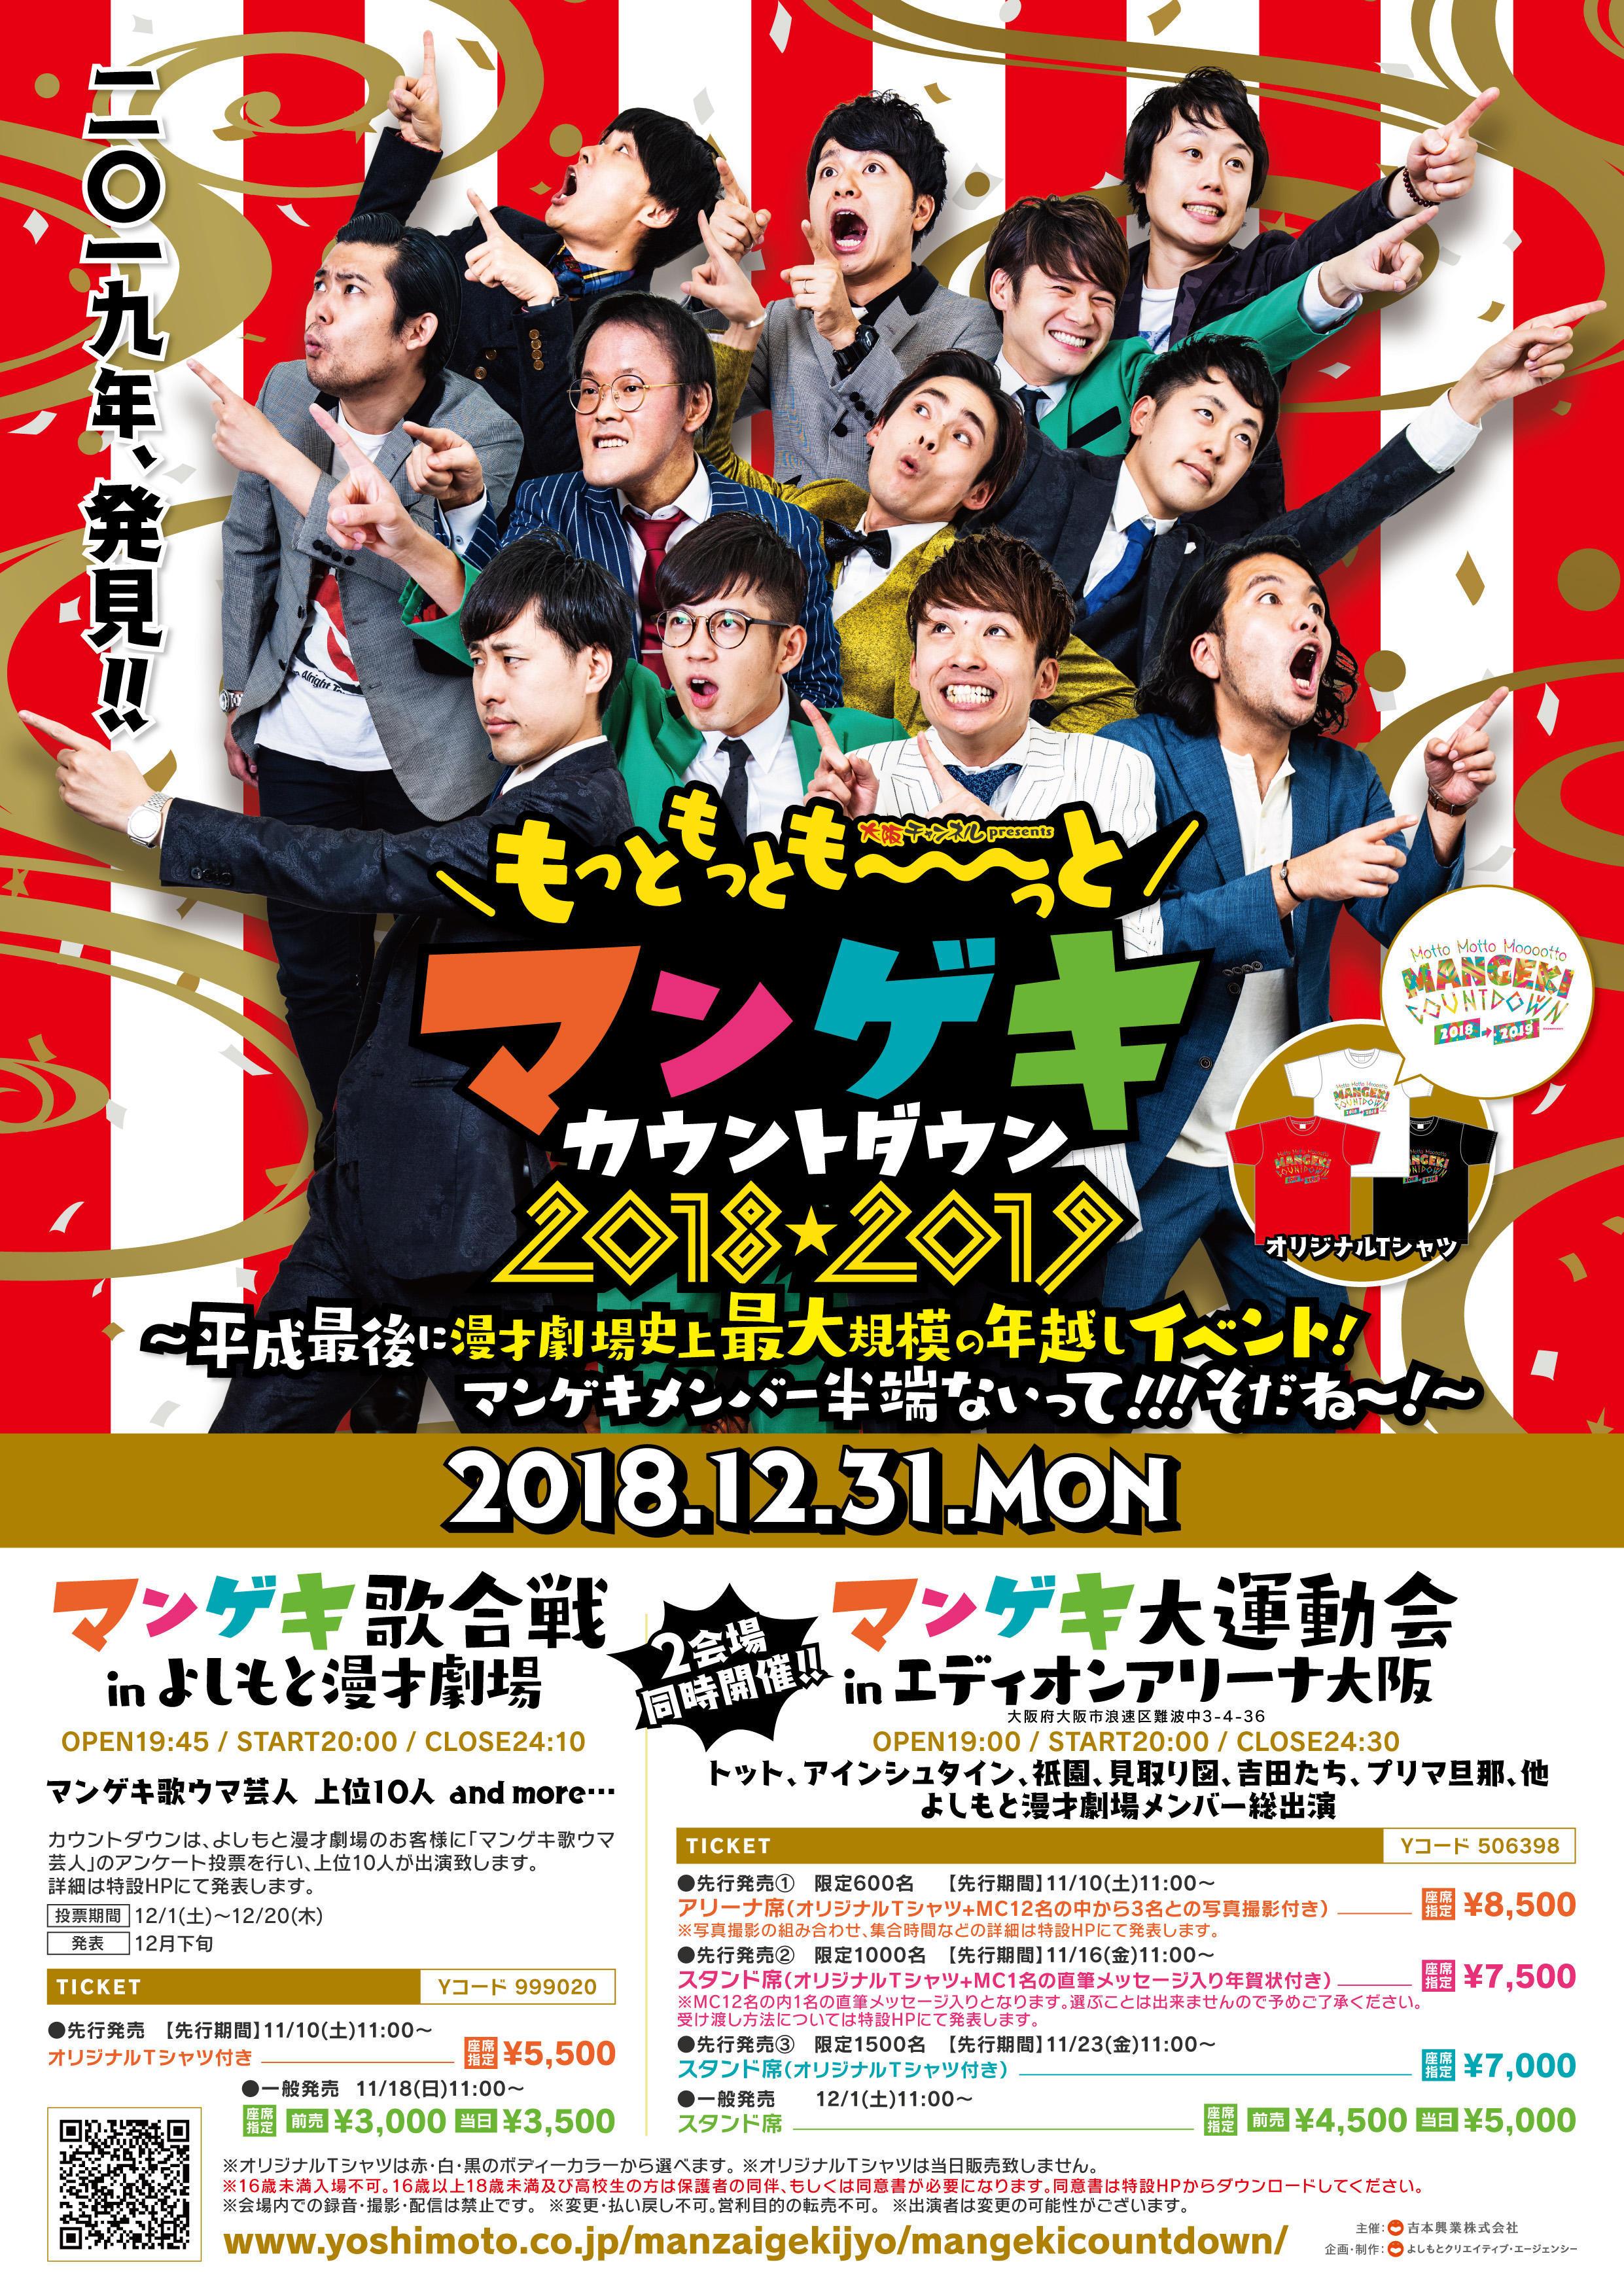 http://news.yoshimoto.co.jp/20181204232559-d7c956c2511cdd7f01657e4c12296c17b9aa0387.jpg